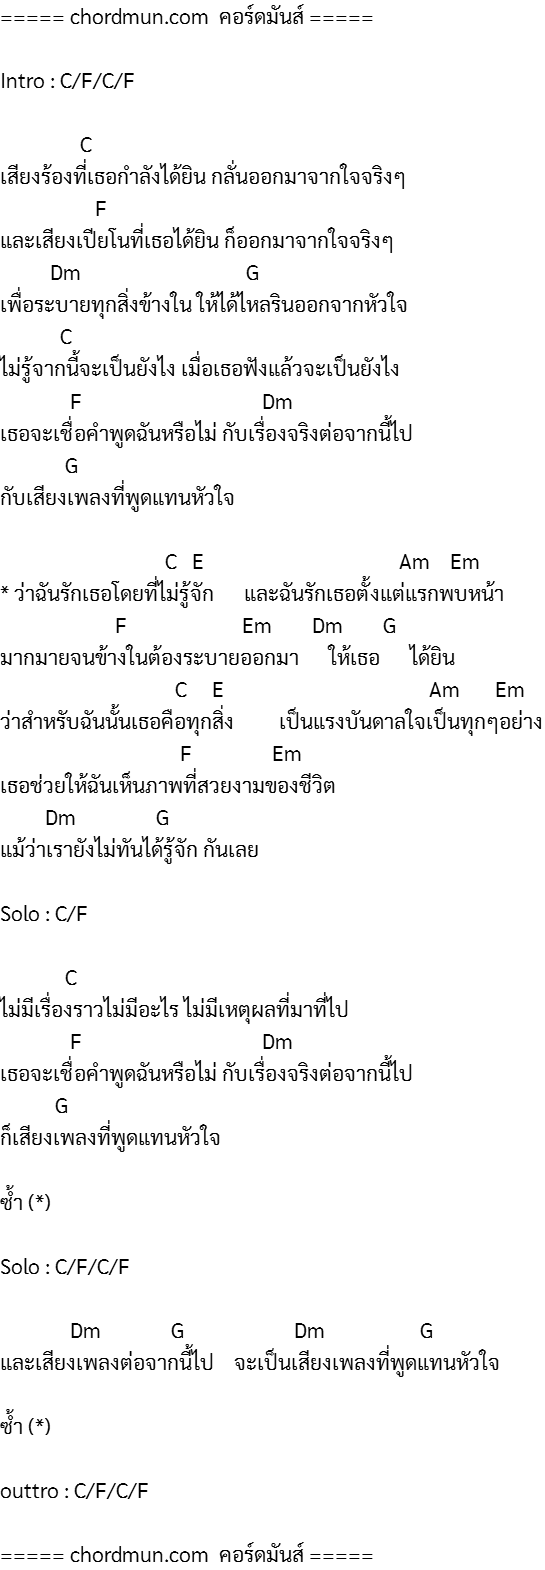 คอร์ดกี่ต้า คอร์ดกีตาร์พื้นฐาน เพลง เรื่องจริง (เพลงประกอบโฆษณา Canon)